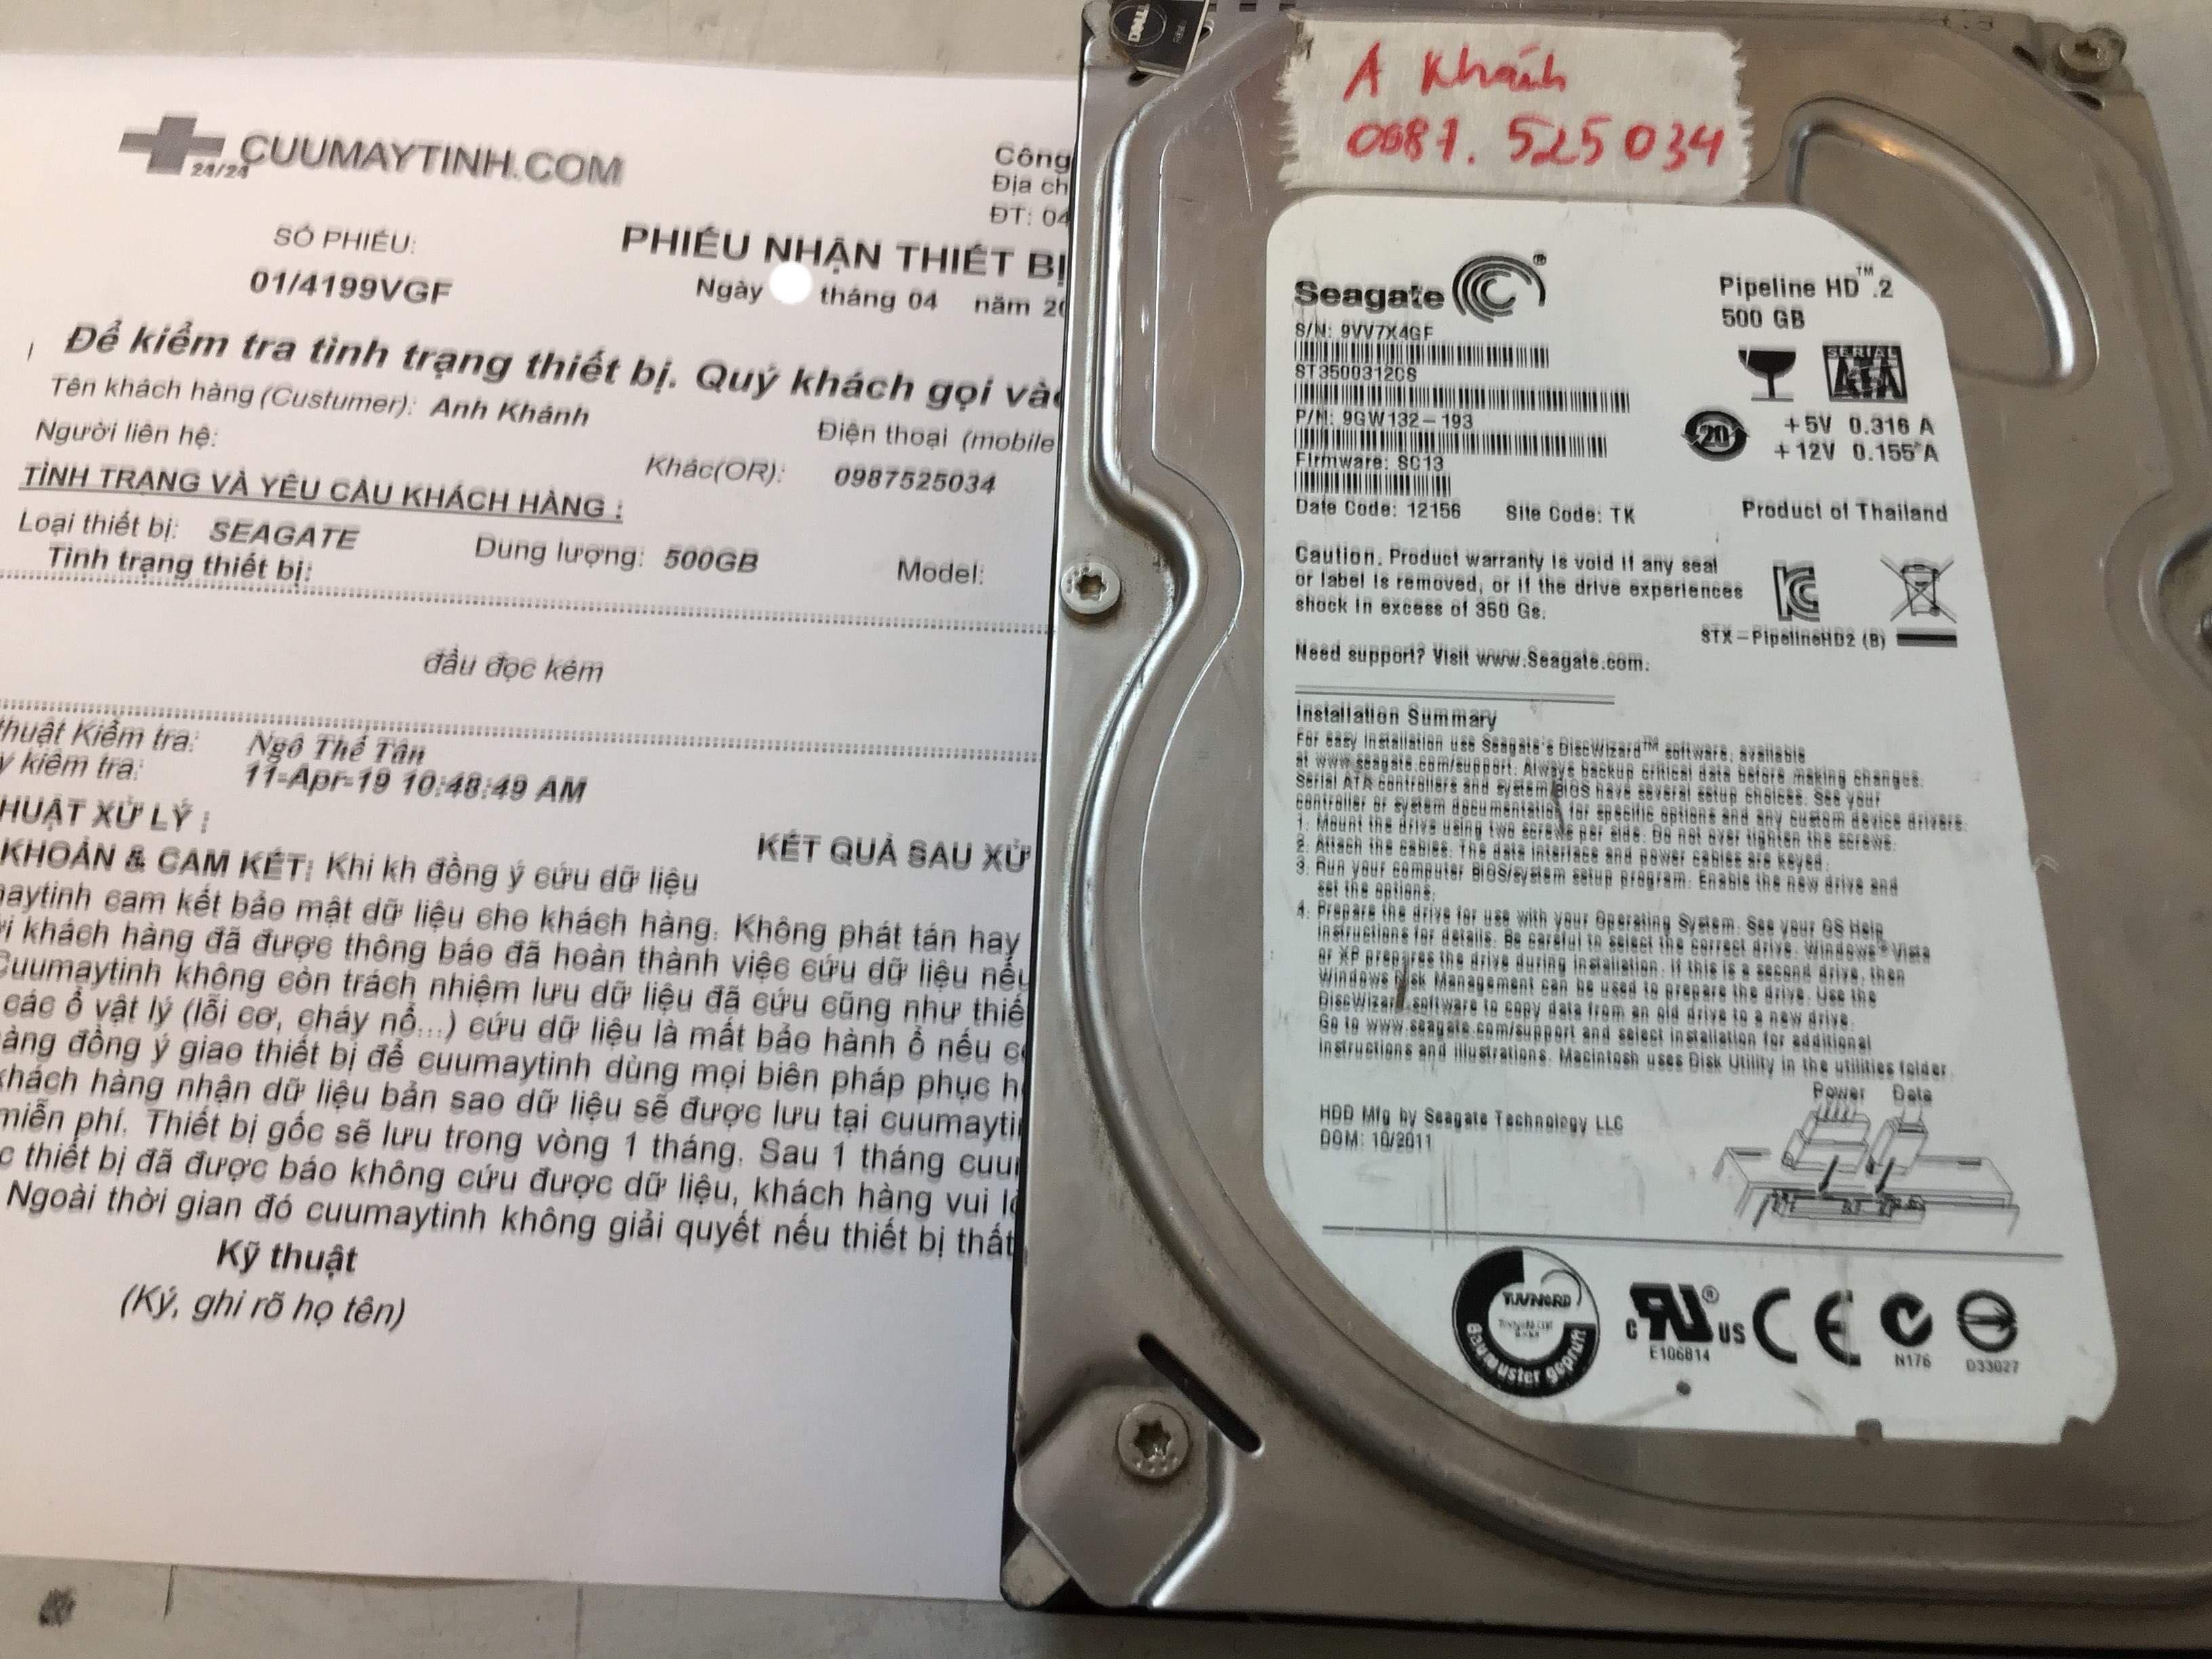 Khôi phục dữ liệu ổ cứng Seagate 500GB đầu đọc kém 22/04/2019 - cuumaytinh